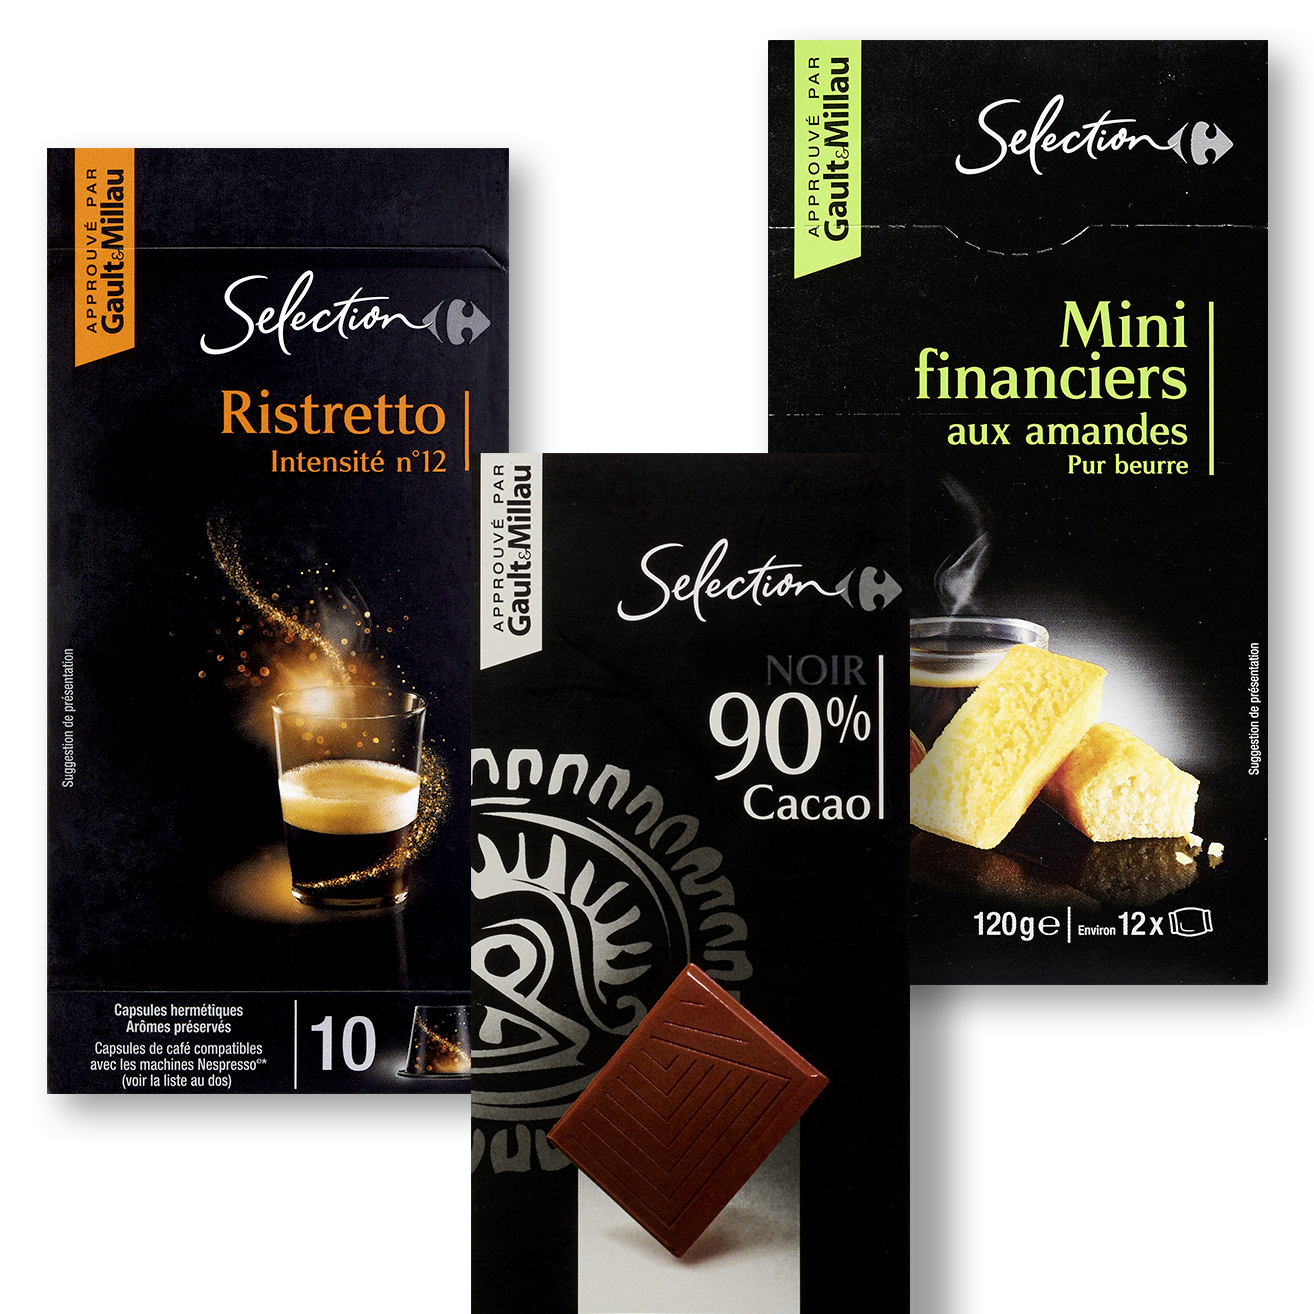 Image de produits Carrefour Selection